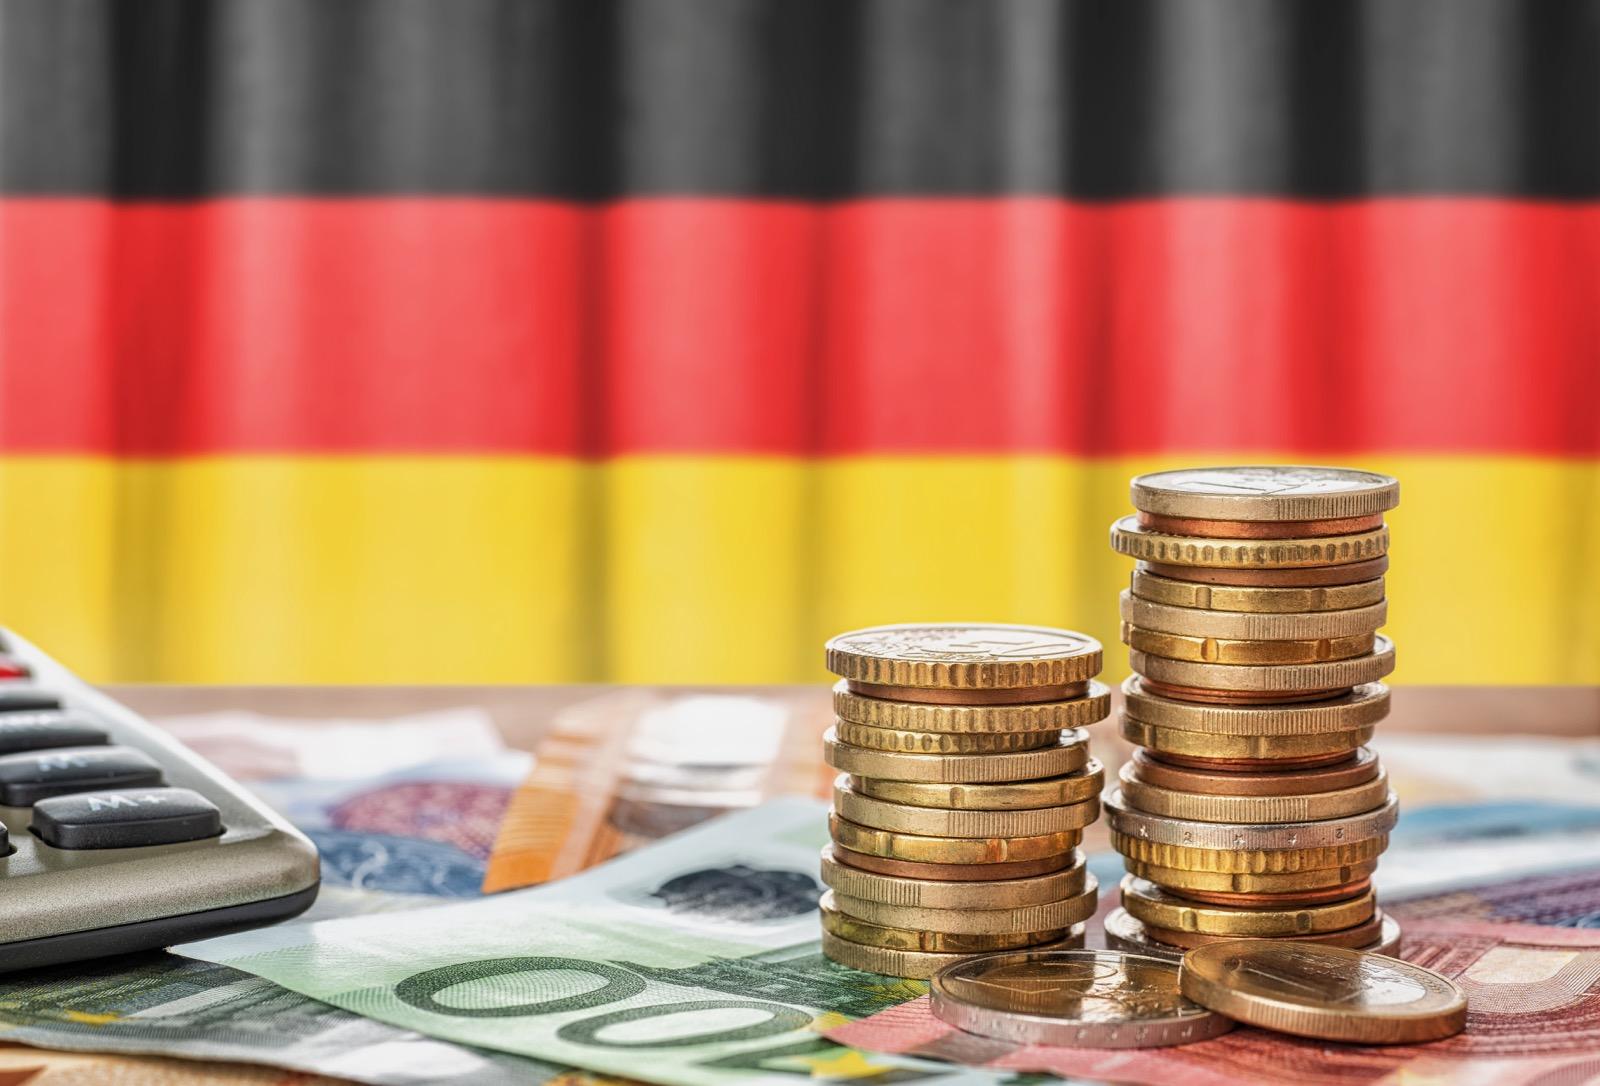 Сколько стоит открыть бизнес в Германии?